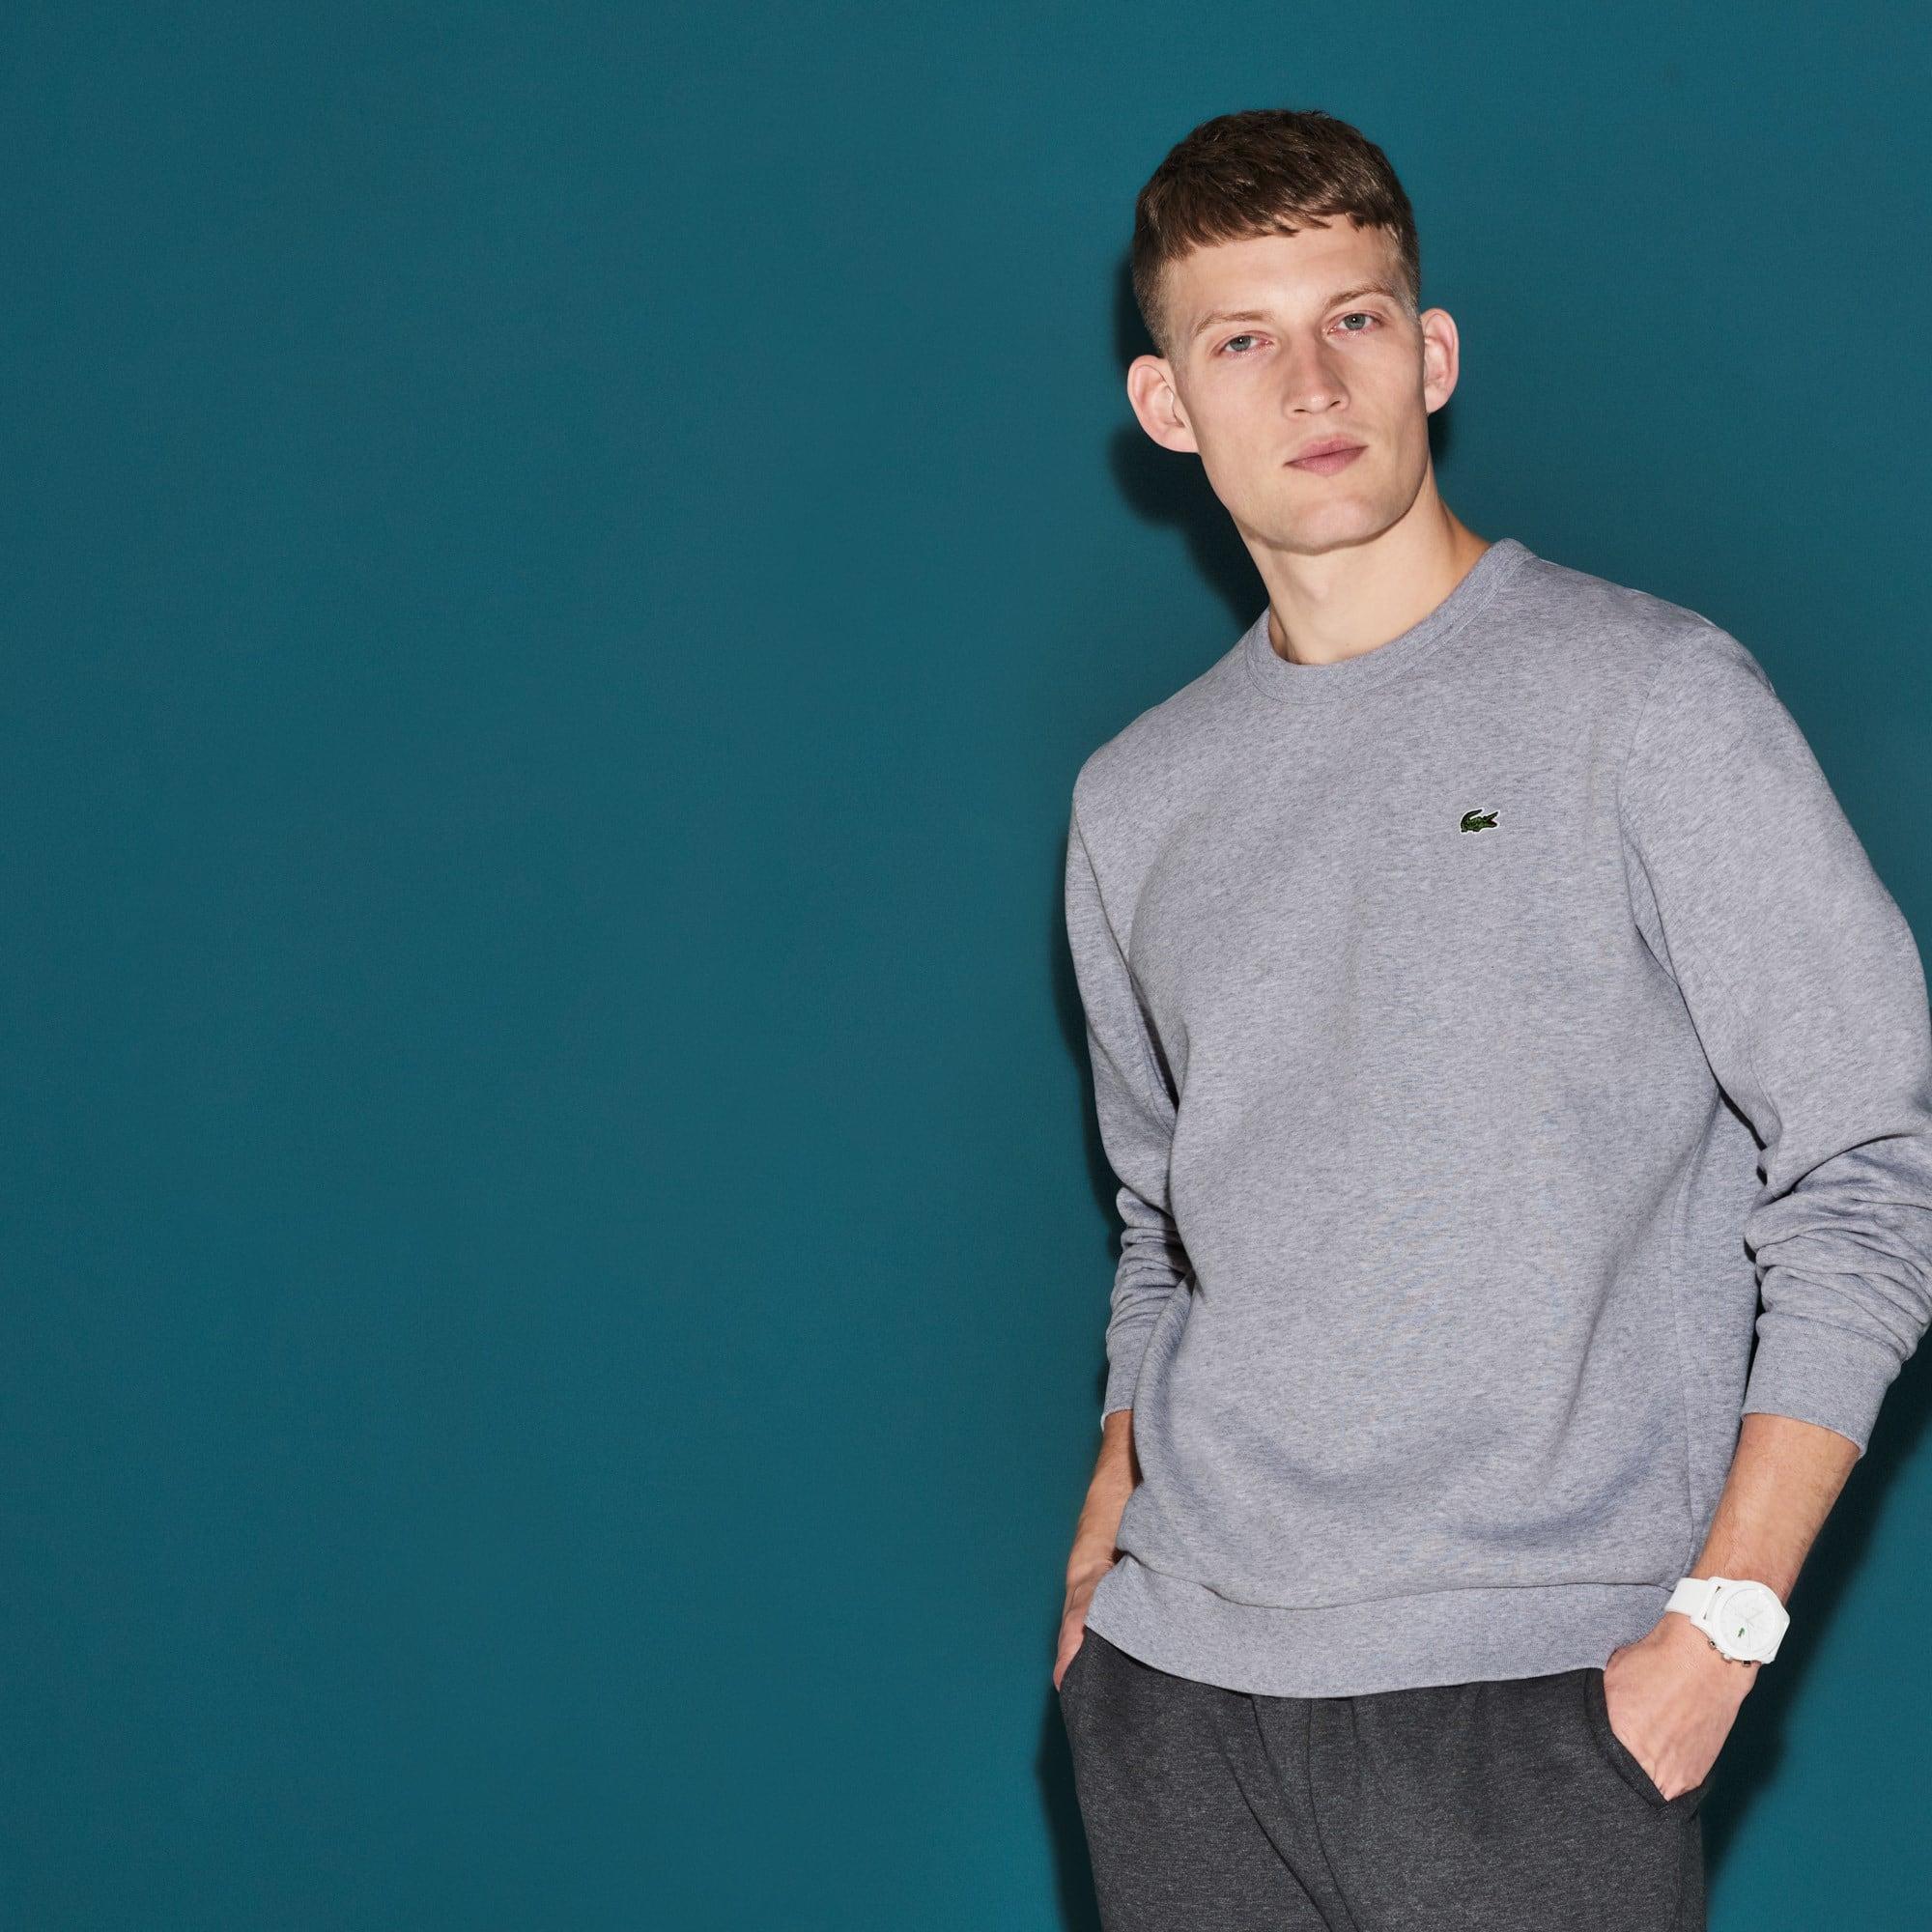 Men's Lacoste SPORT Side Zip Fleece Tennis Sweatshirt